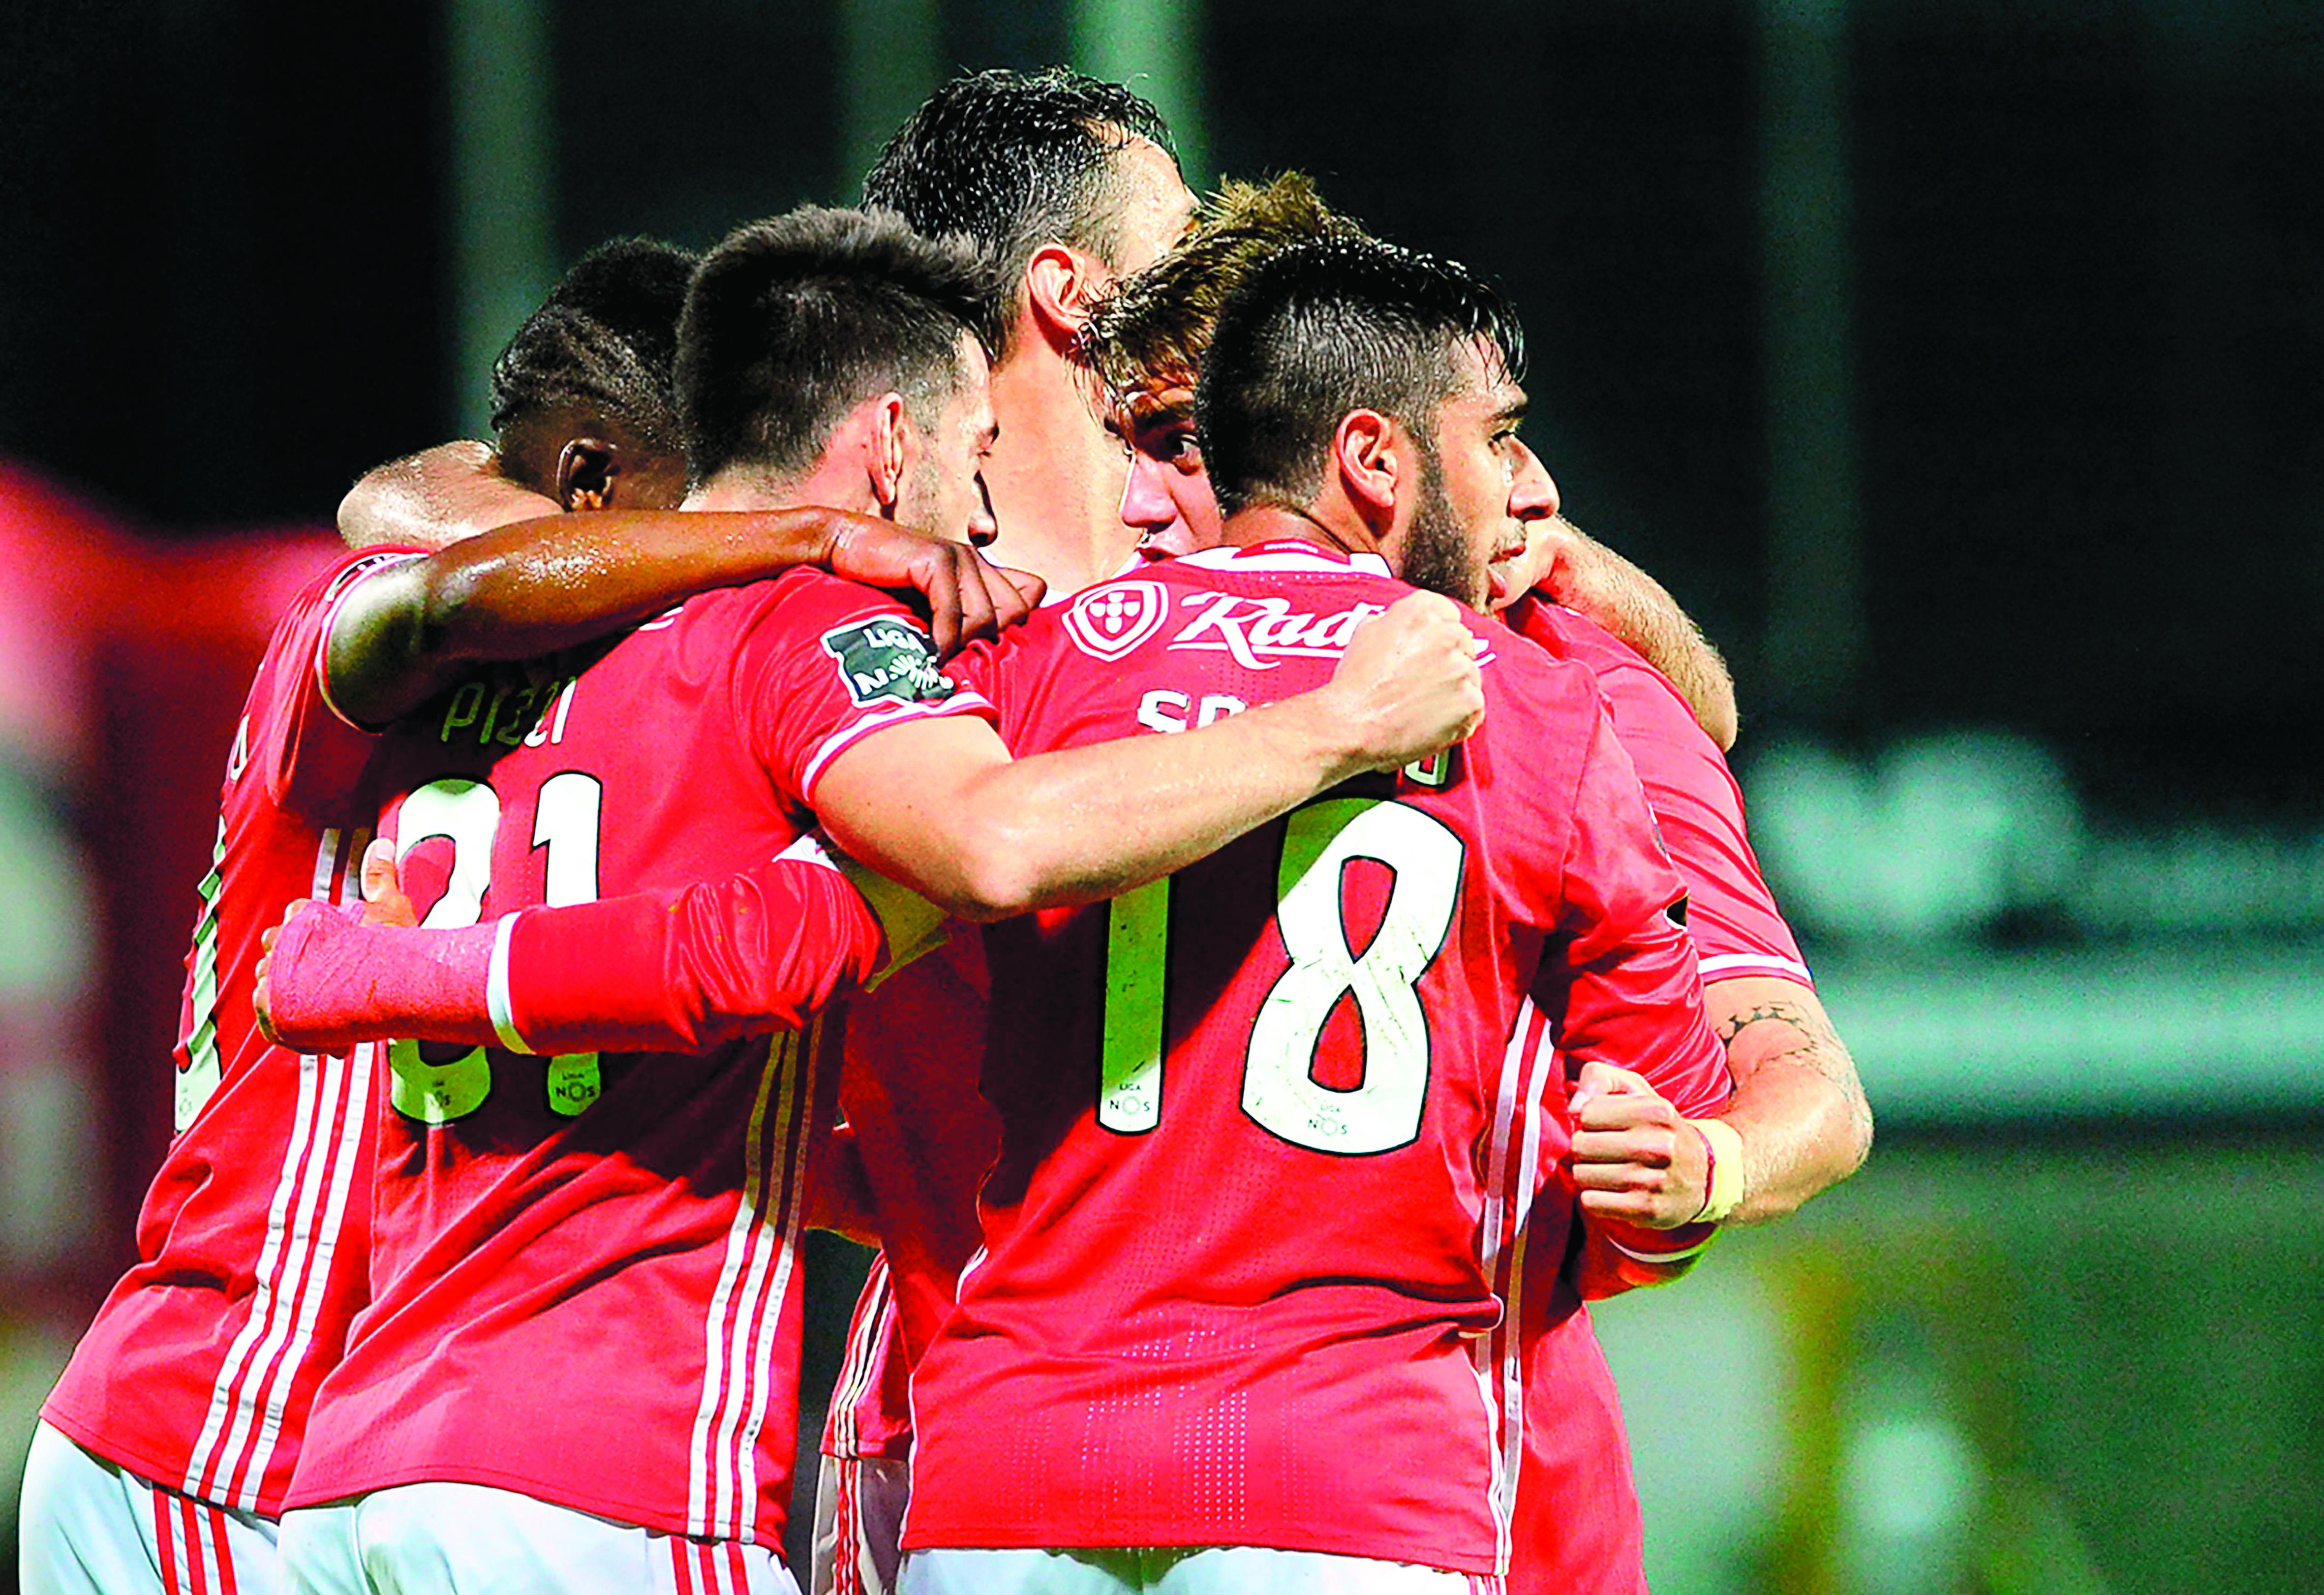 Benfica desconhece investigação da PJ a jogo com o Rio Ave